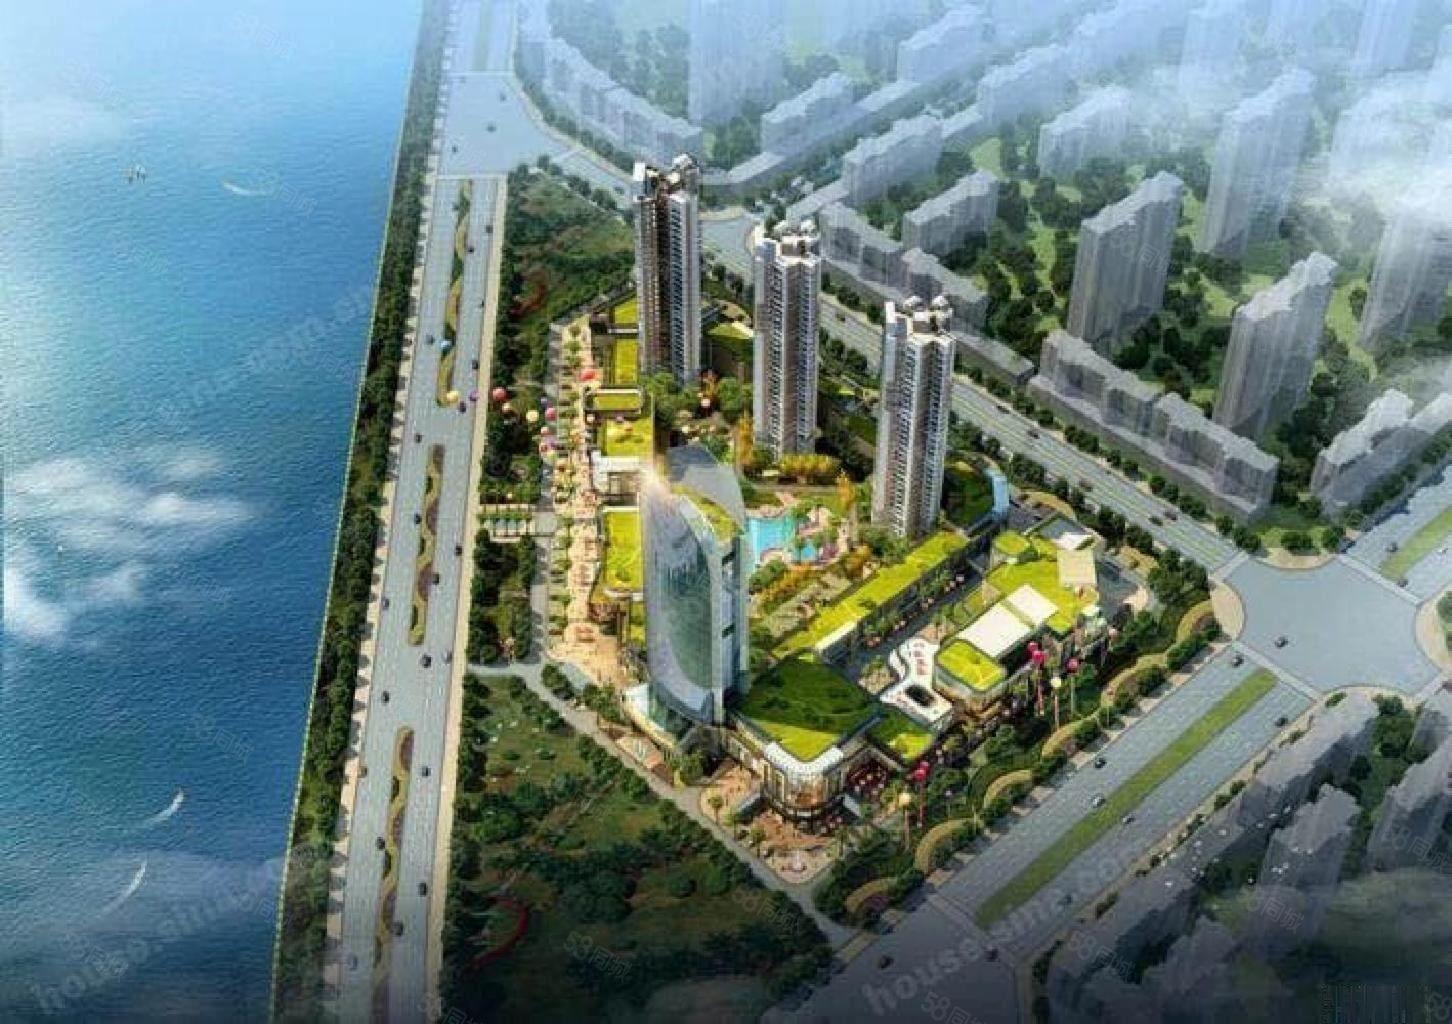 绵阳市城南新天地就做马云的房东商铺居然之家,小投资